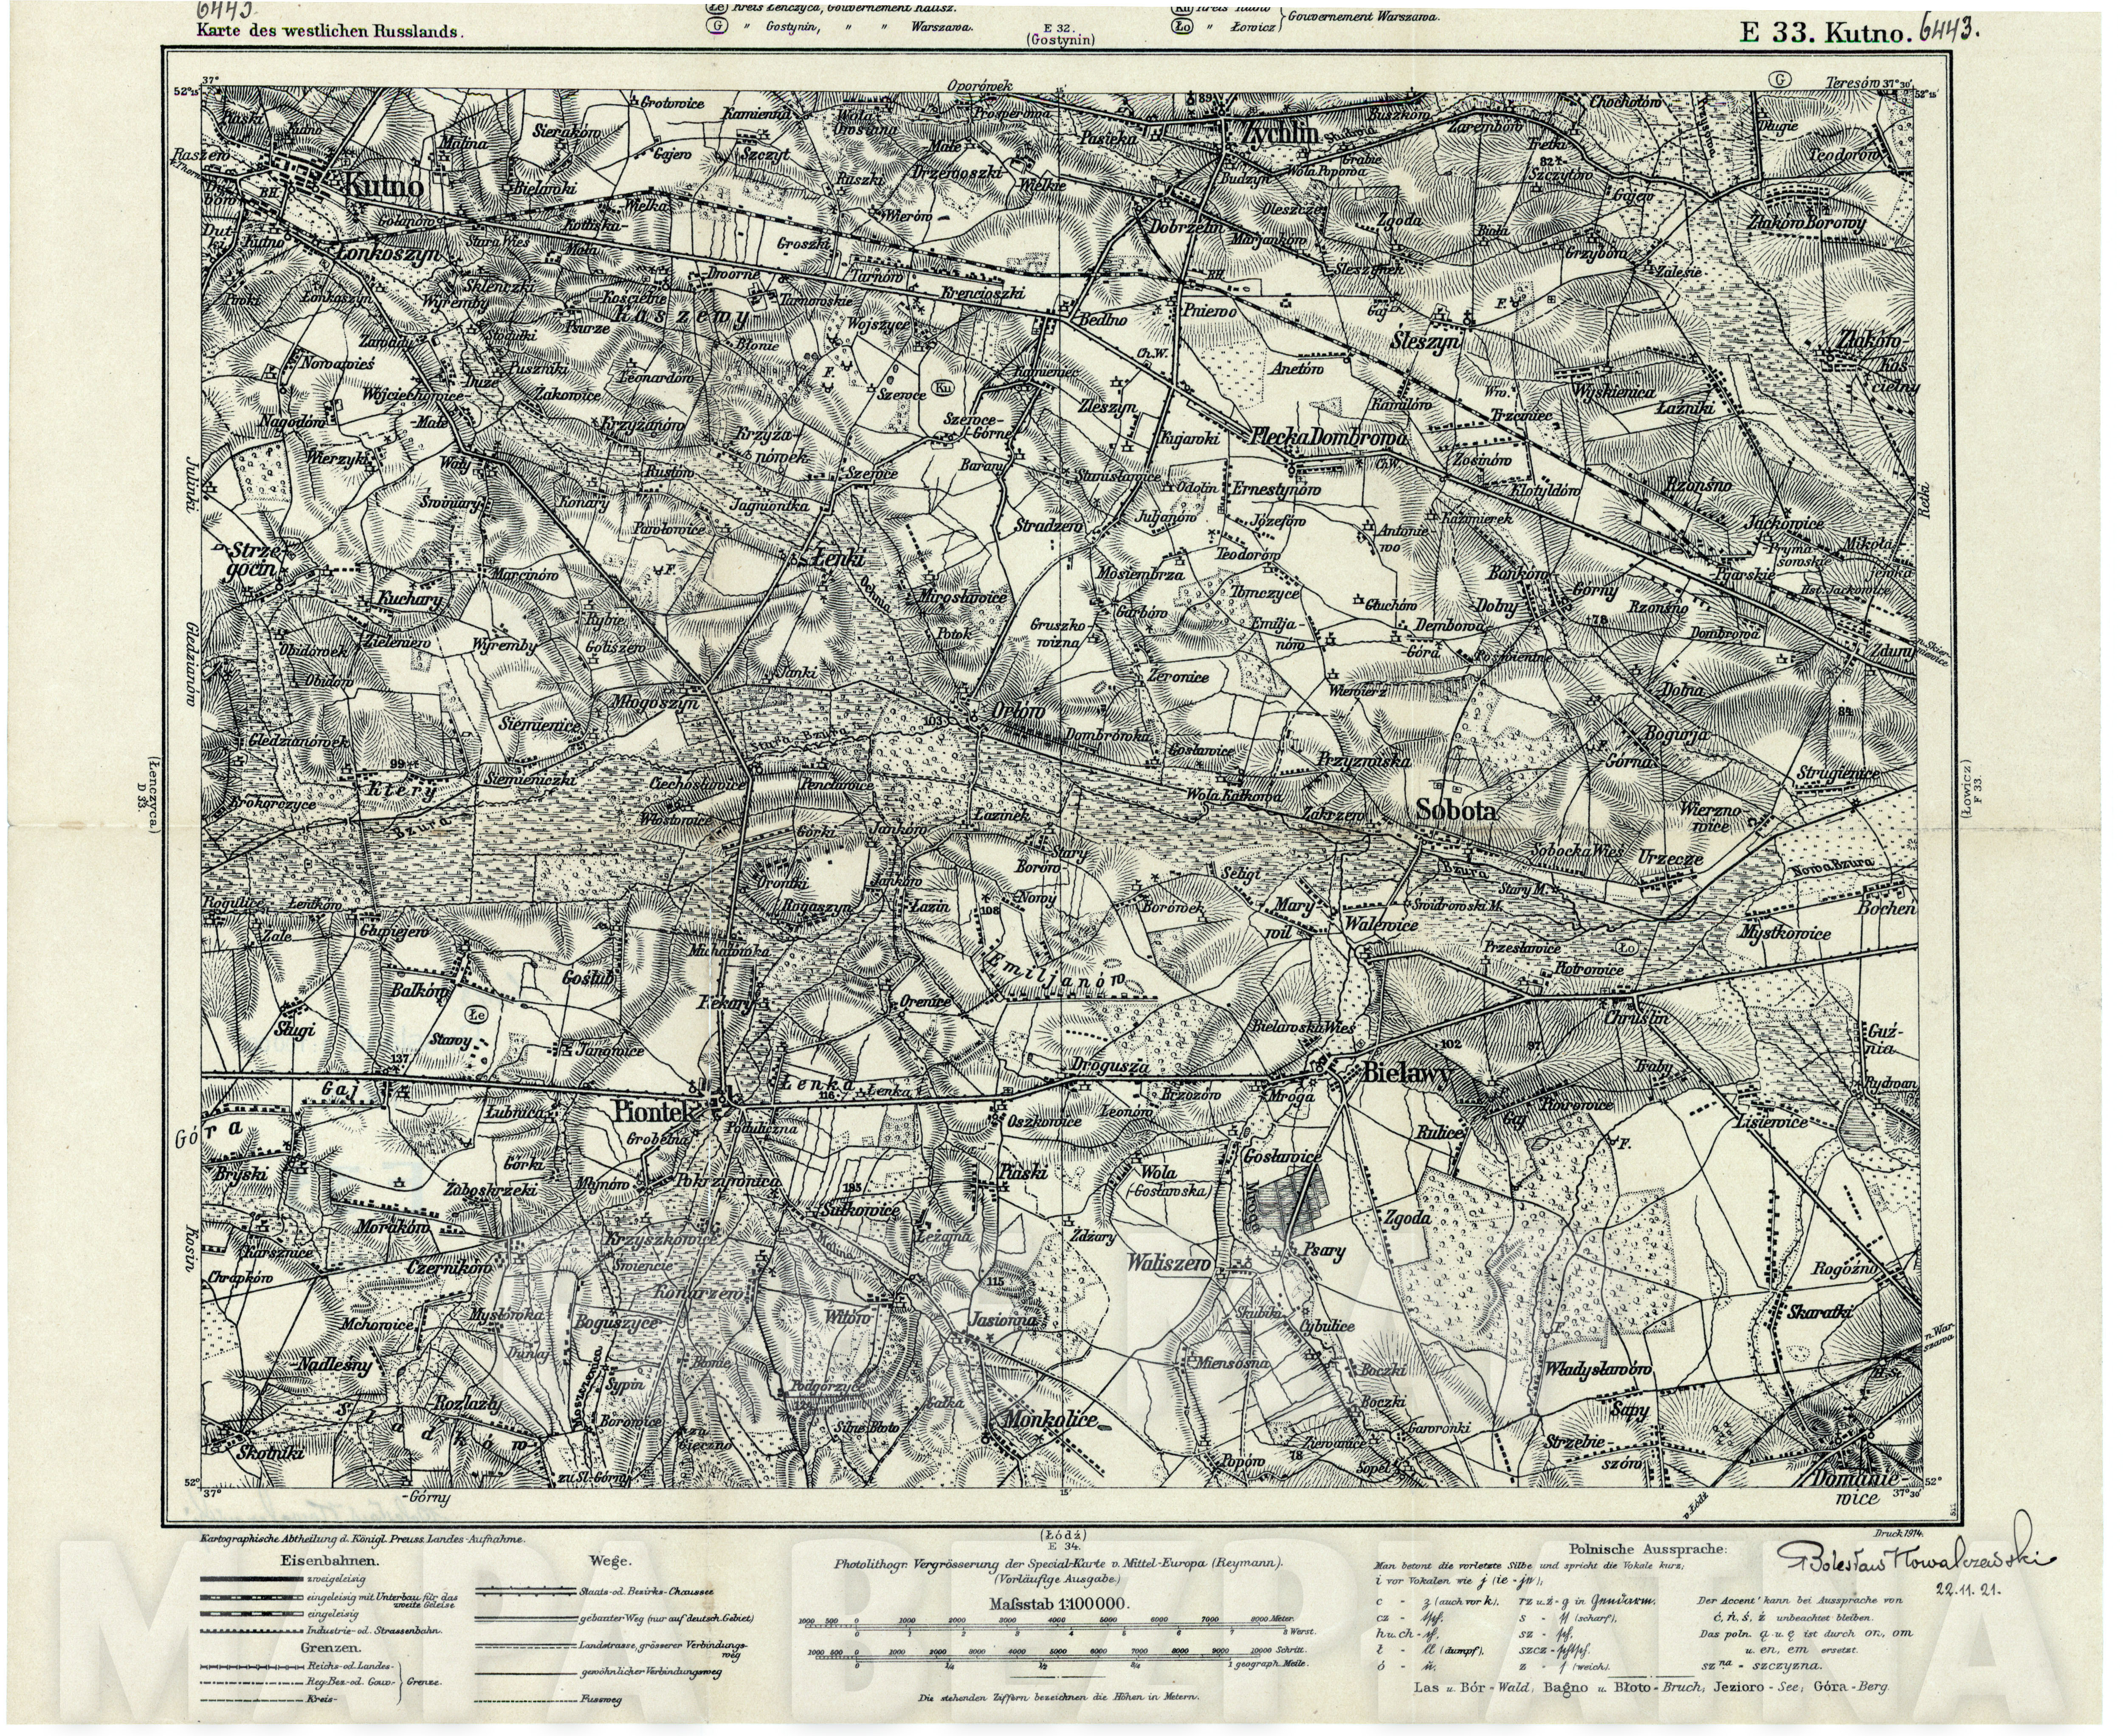 1914 Mapa i